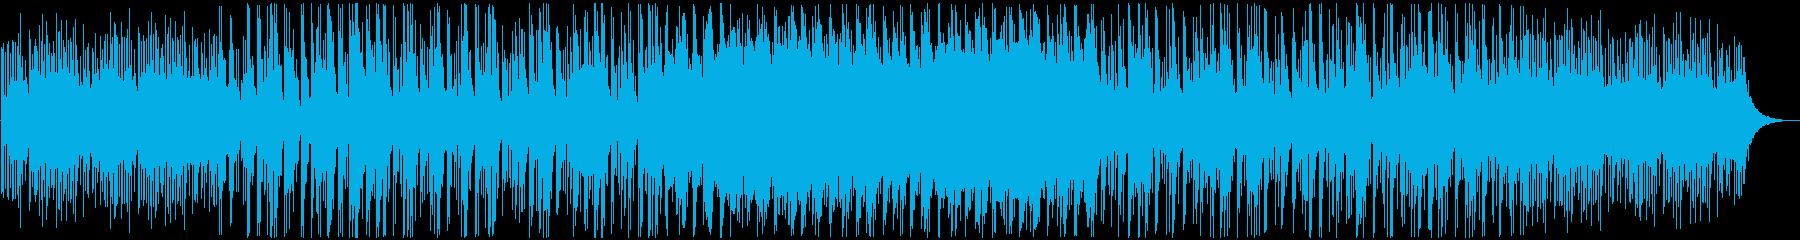 幻想的な海のステージをイメージした曲ですの再生済みの波形